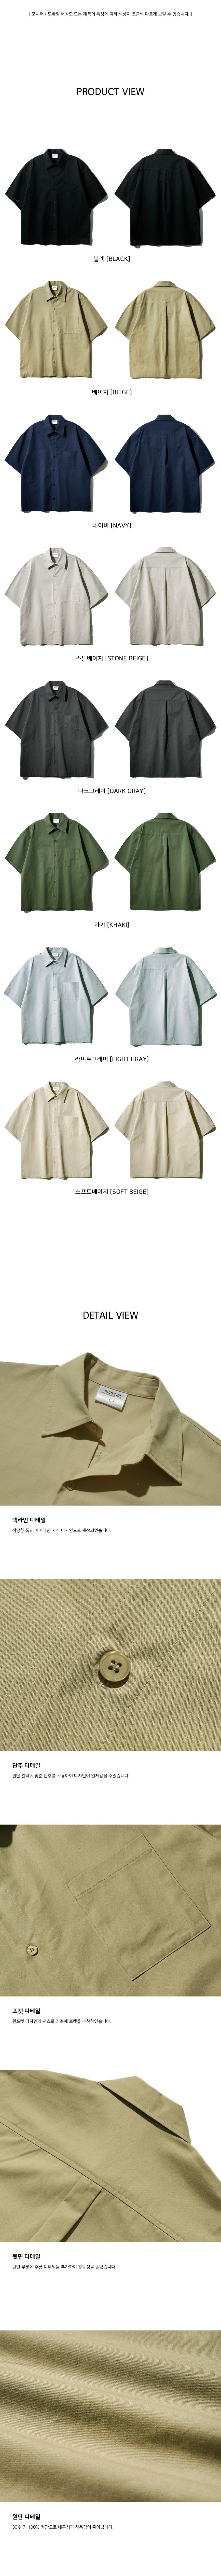 4419_set_detail_shirt_de.jpg